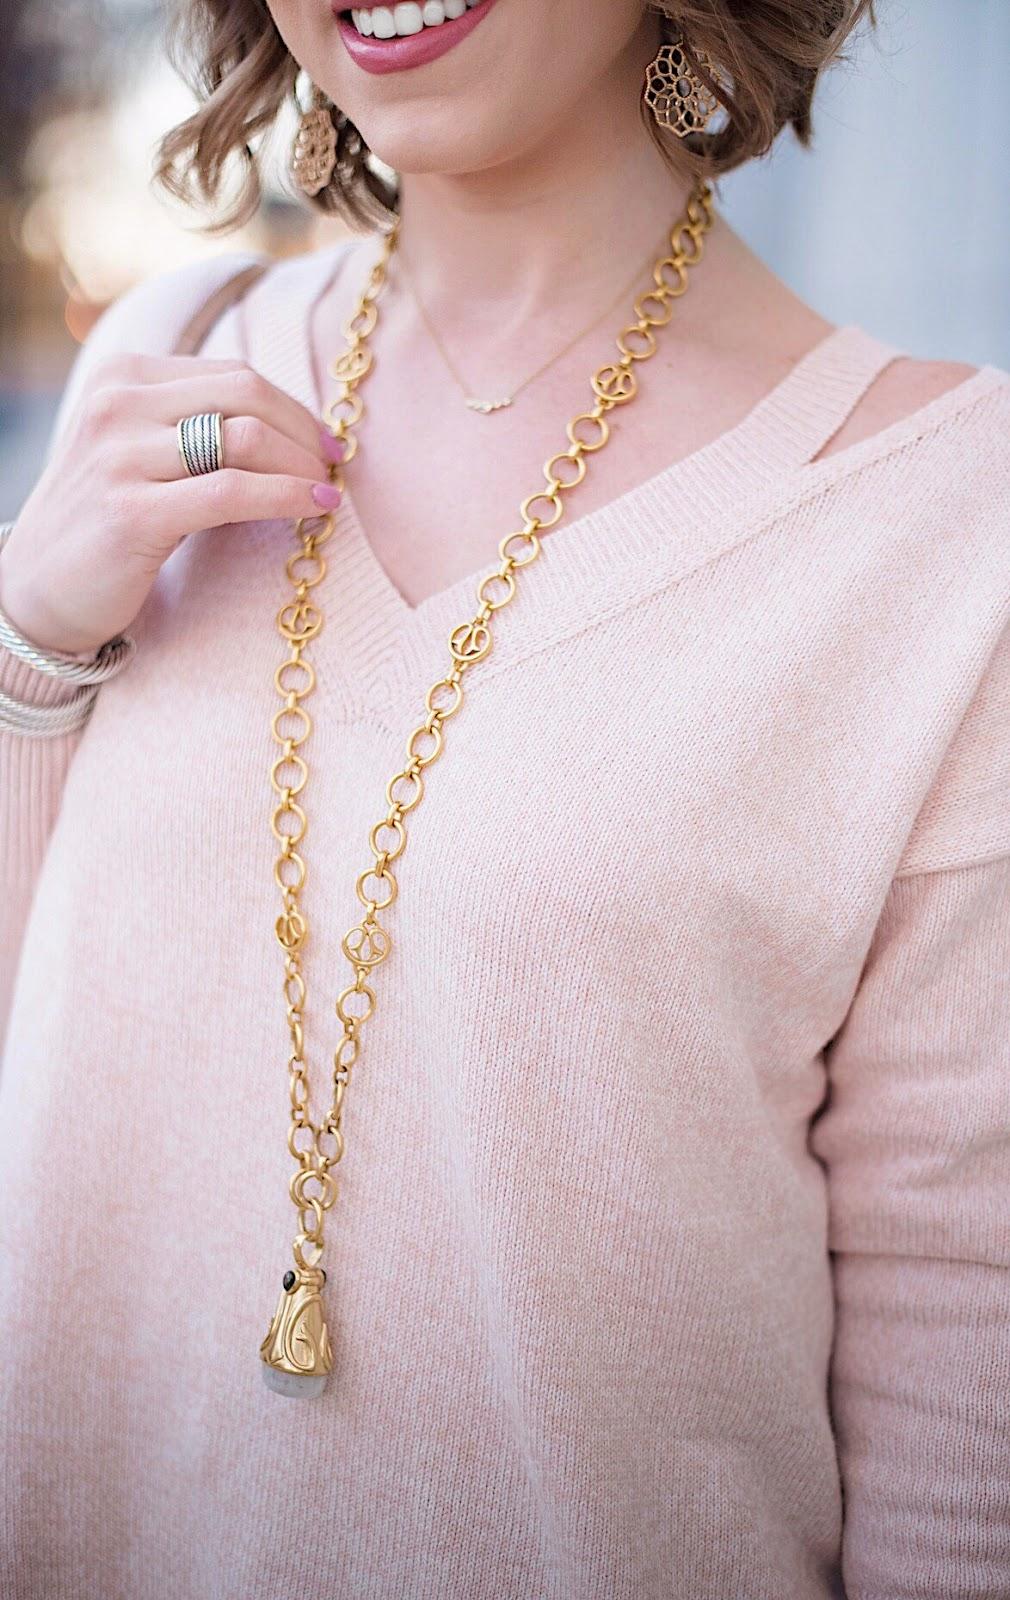 Julie Vos Necklace - Something Delightful Blog